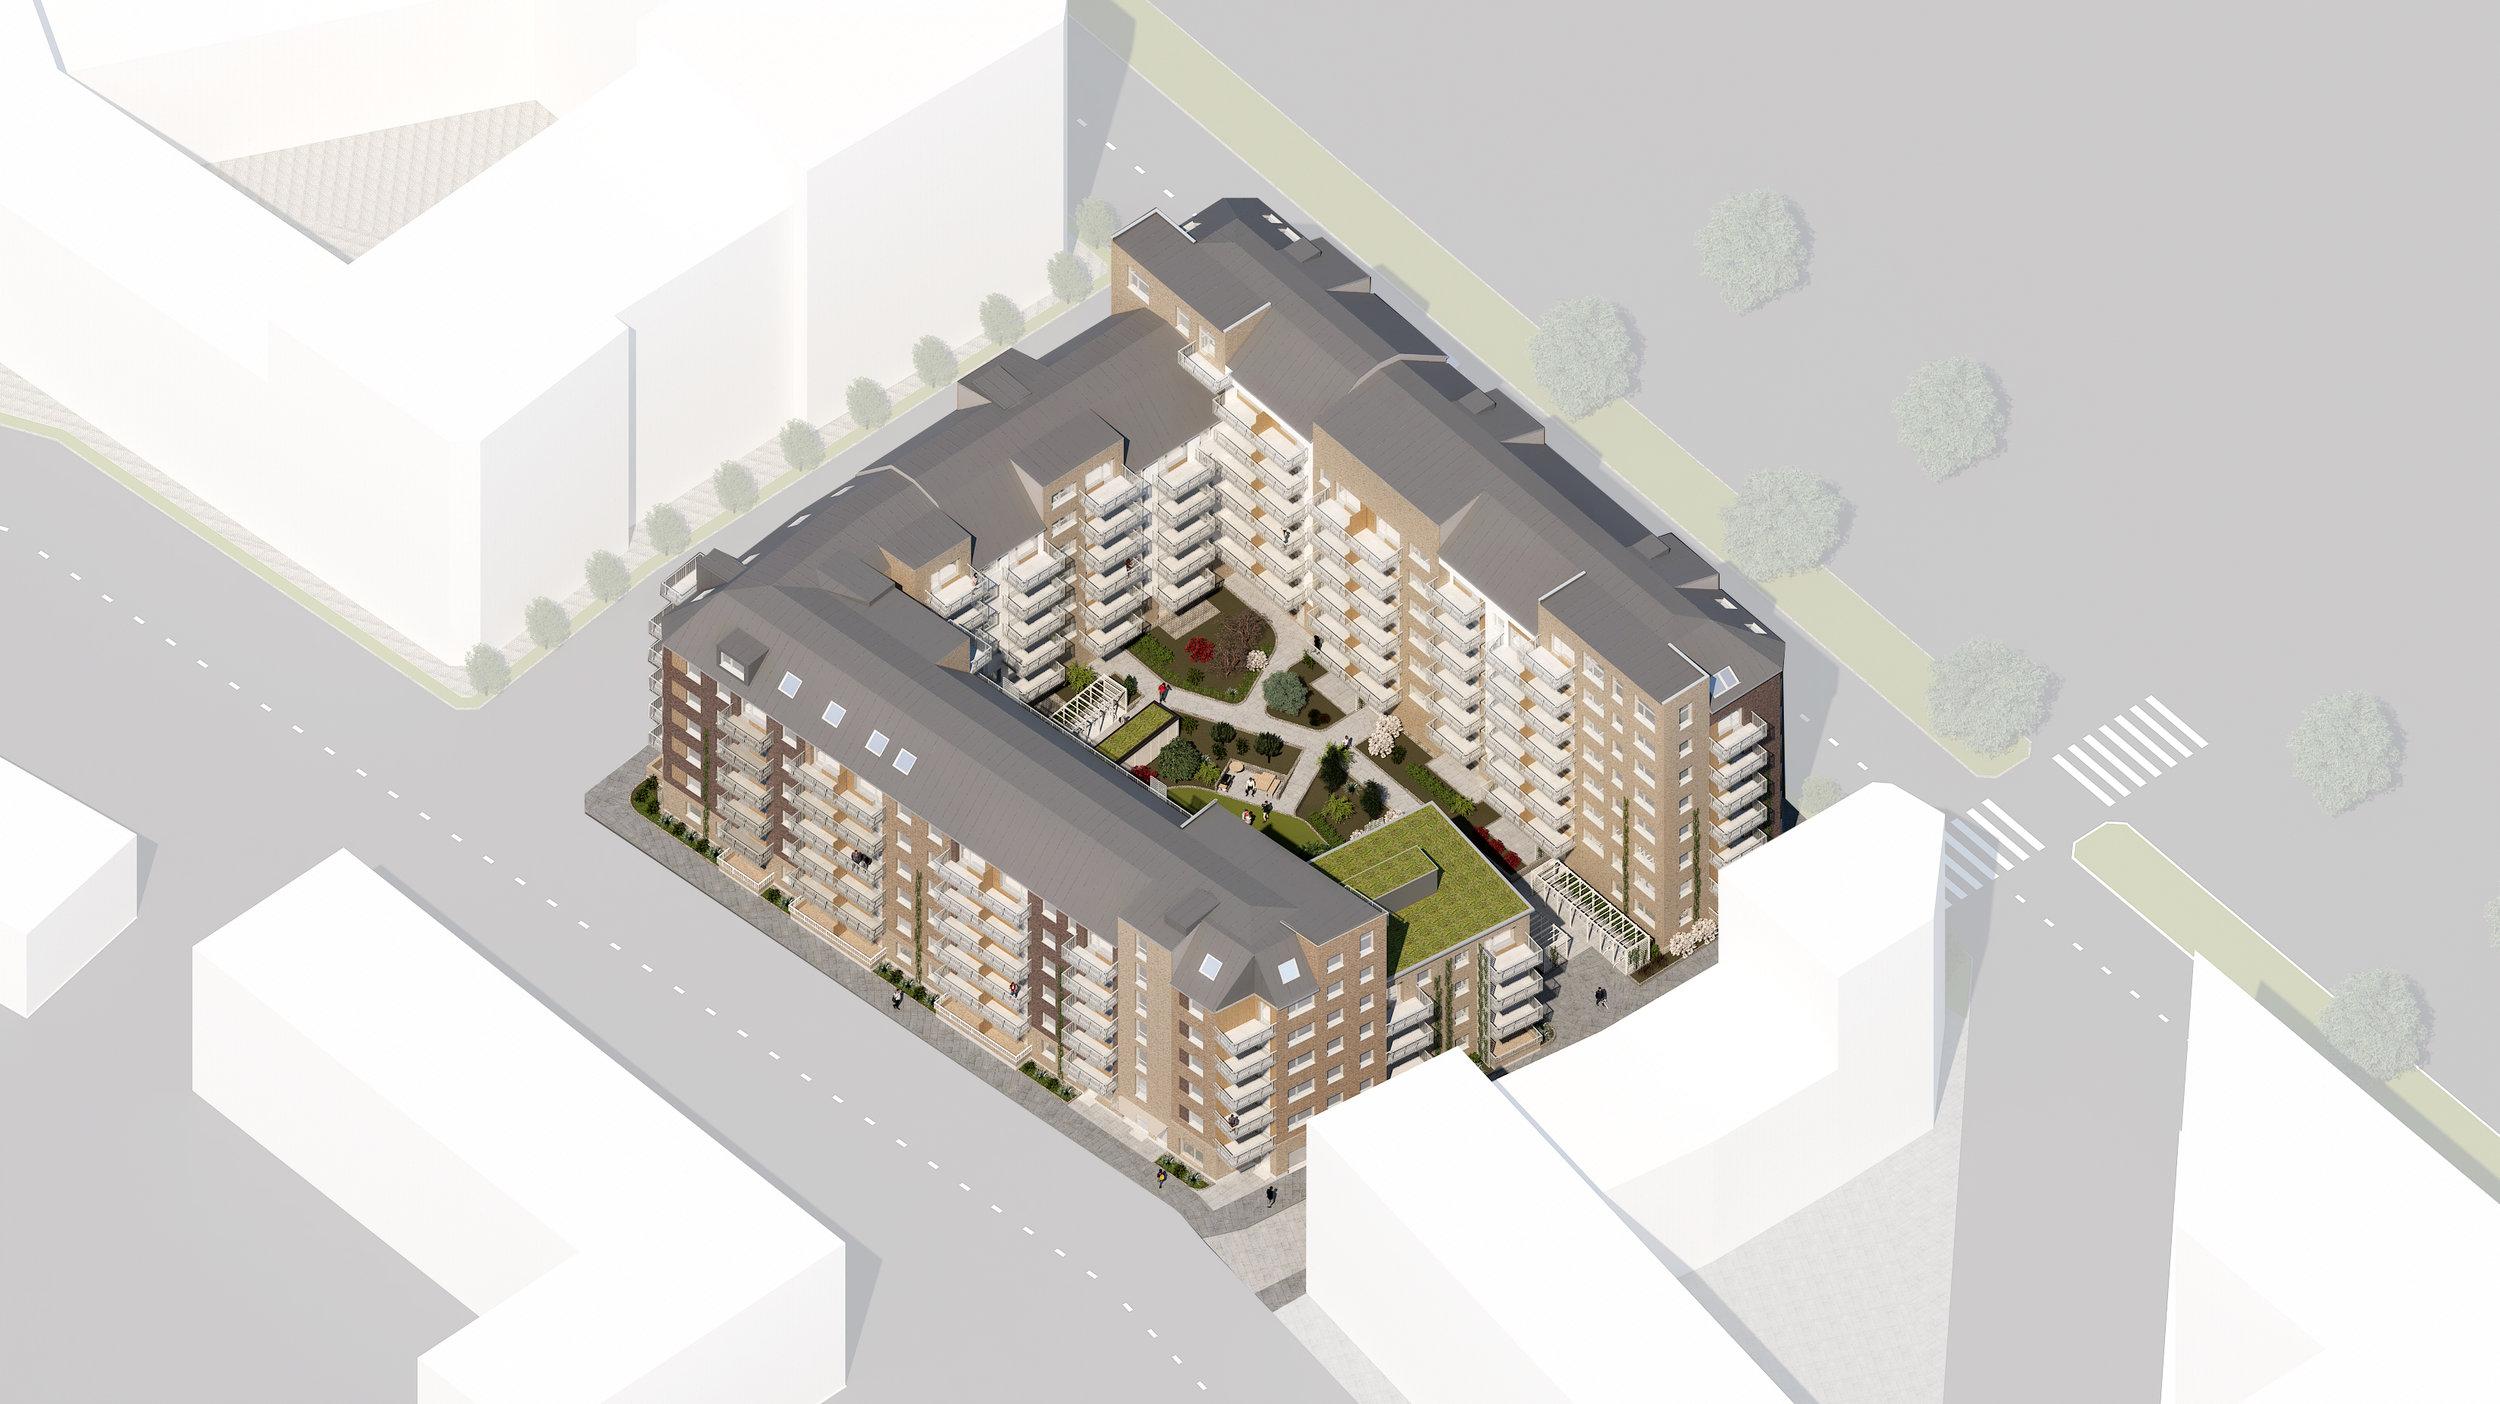 181205-Kvartersvy.jpg